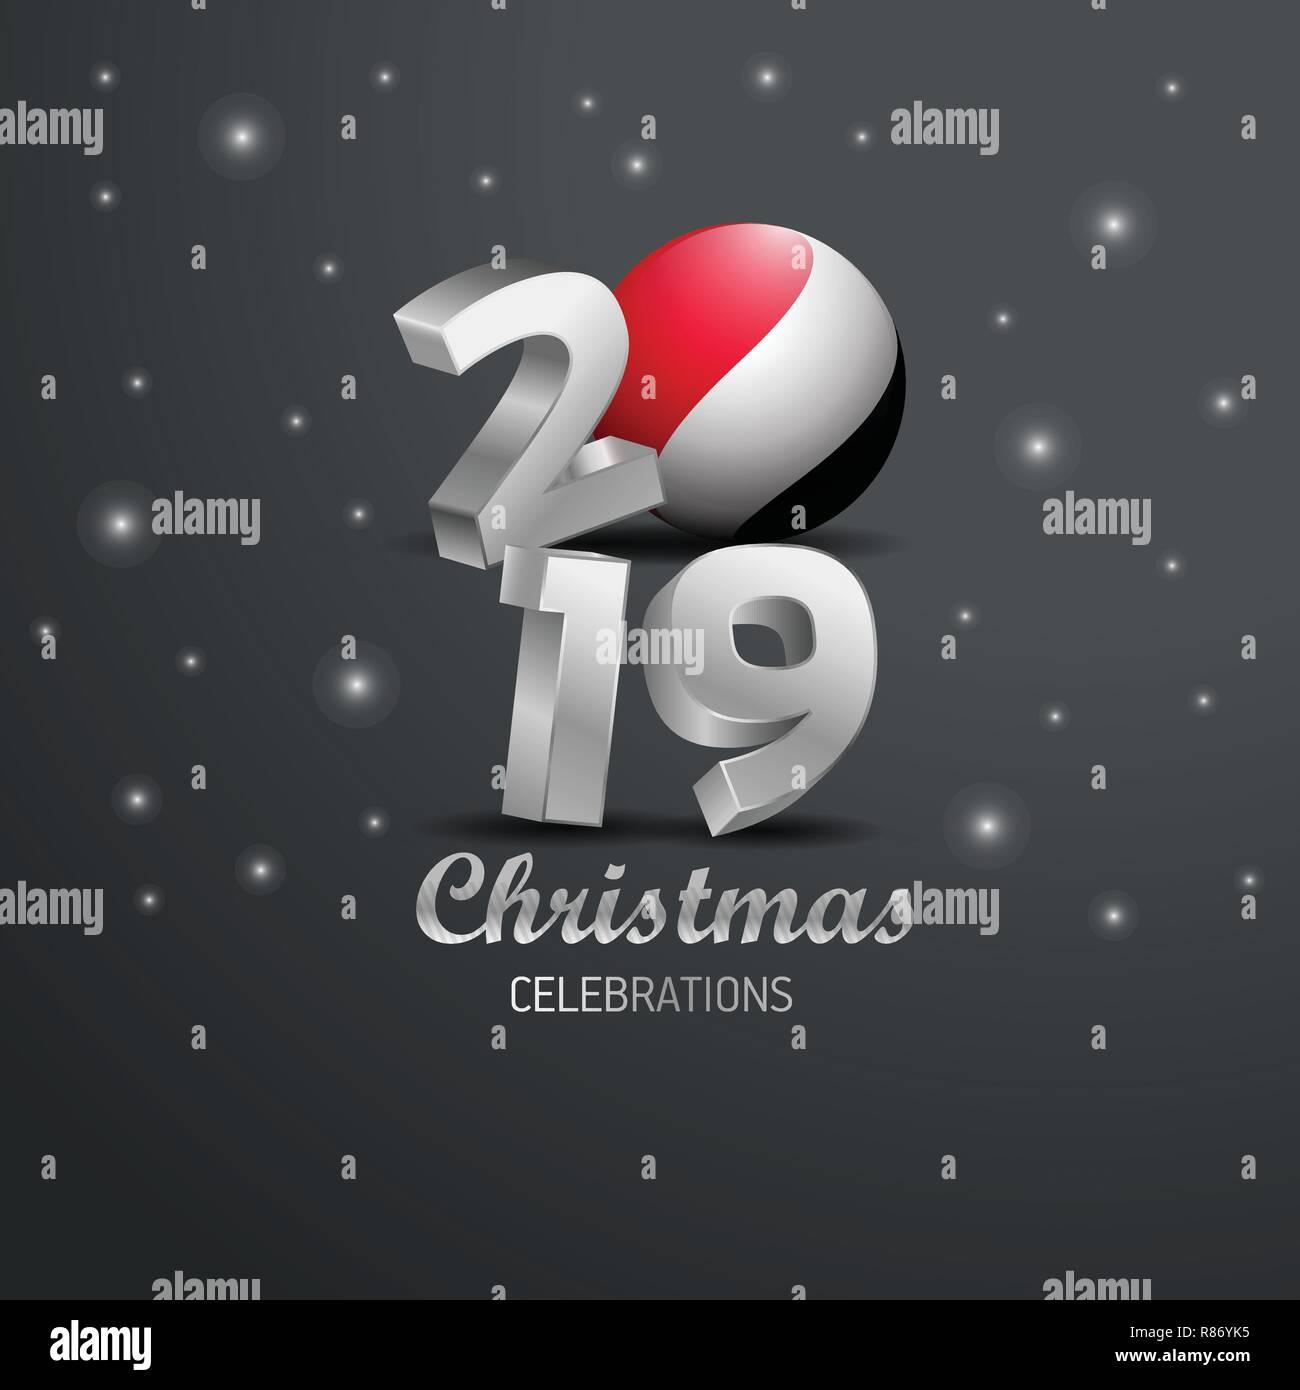 Image De Joyeux Noel 2019.Principaute De Sealand Drapeau Joyeux Noel 2019 La